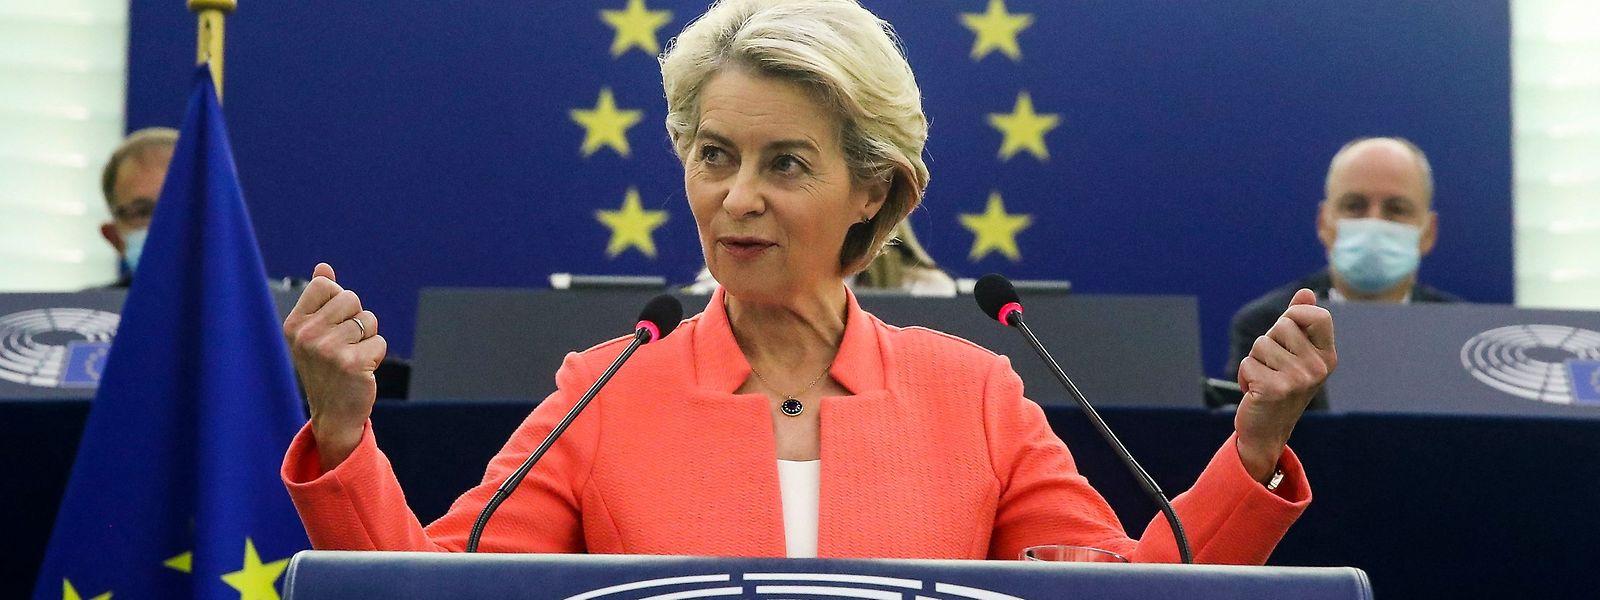 Kommissionschefin Ursula von der Leyen bei der Rede zur Lage der Union im Europaparlament.